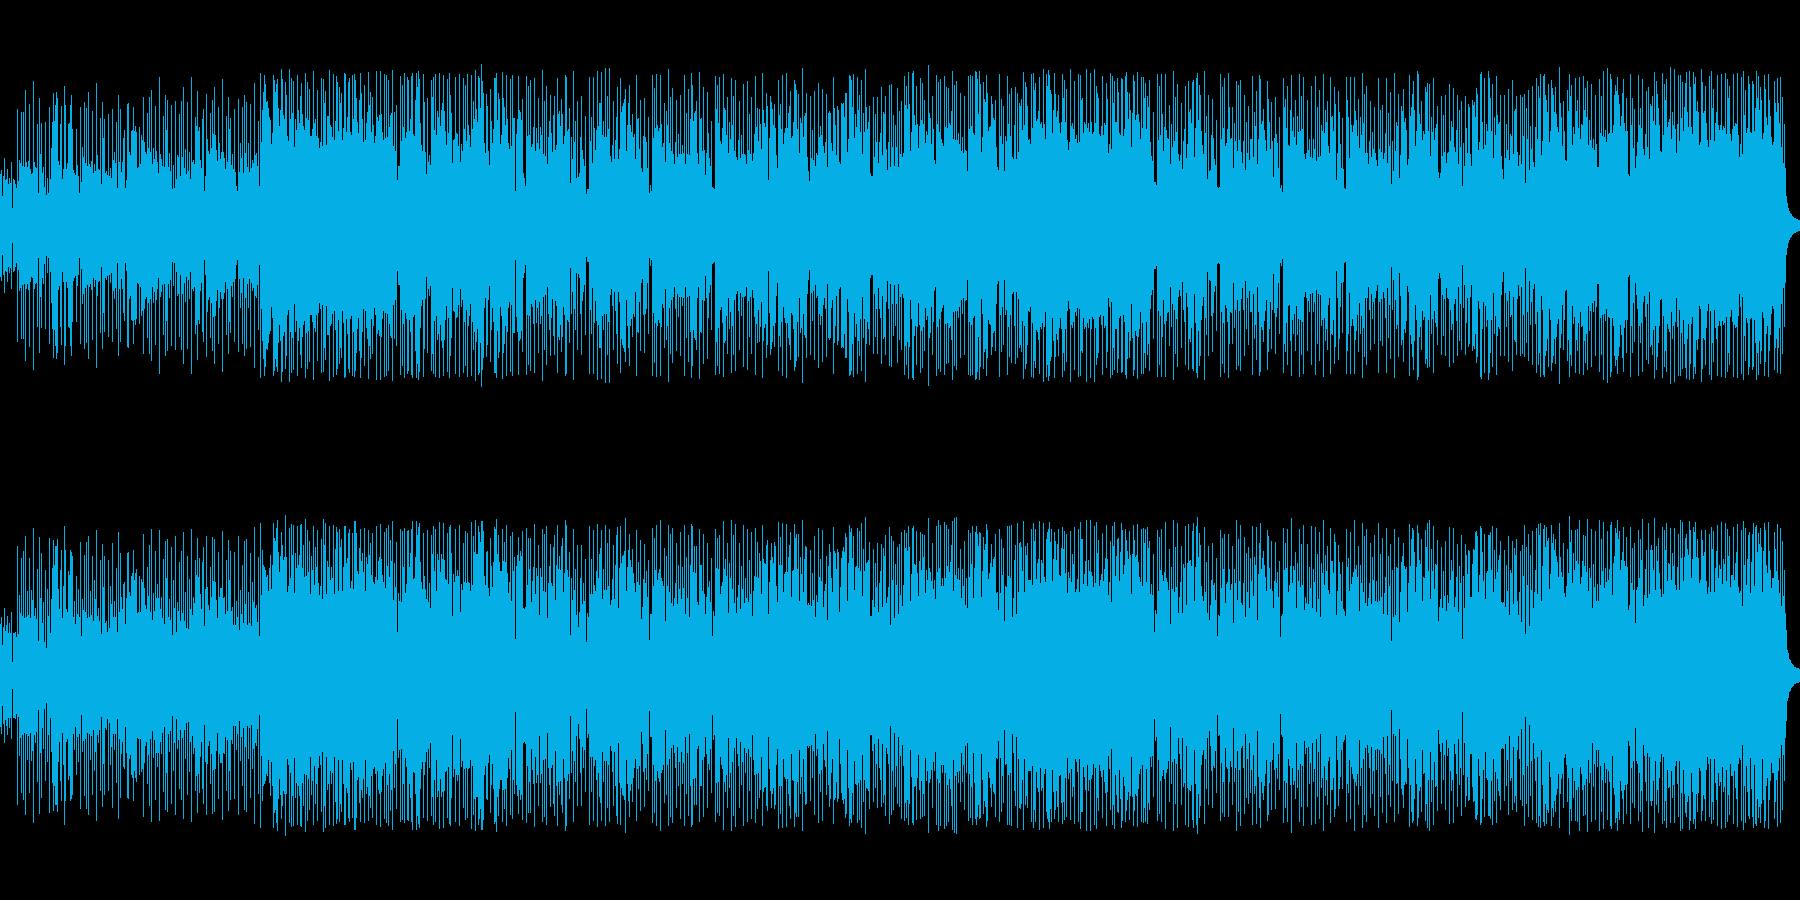 8ビートのノリのいいテクノポップスの再生済みの波形